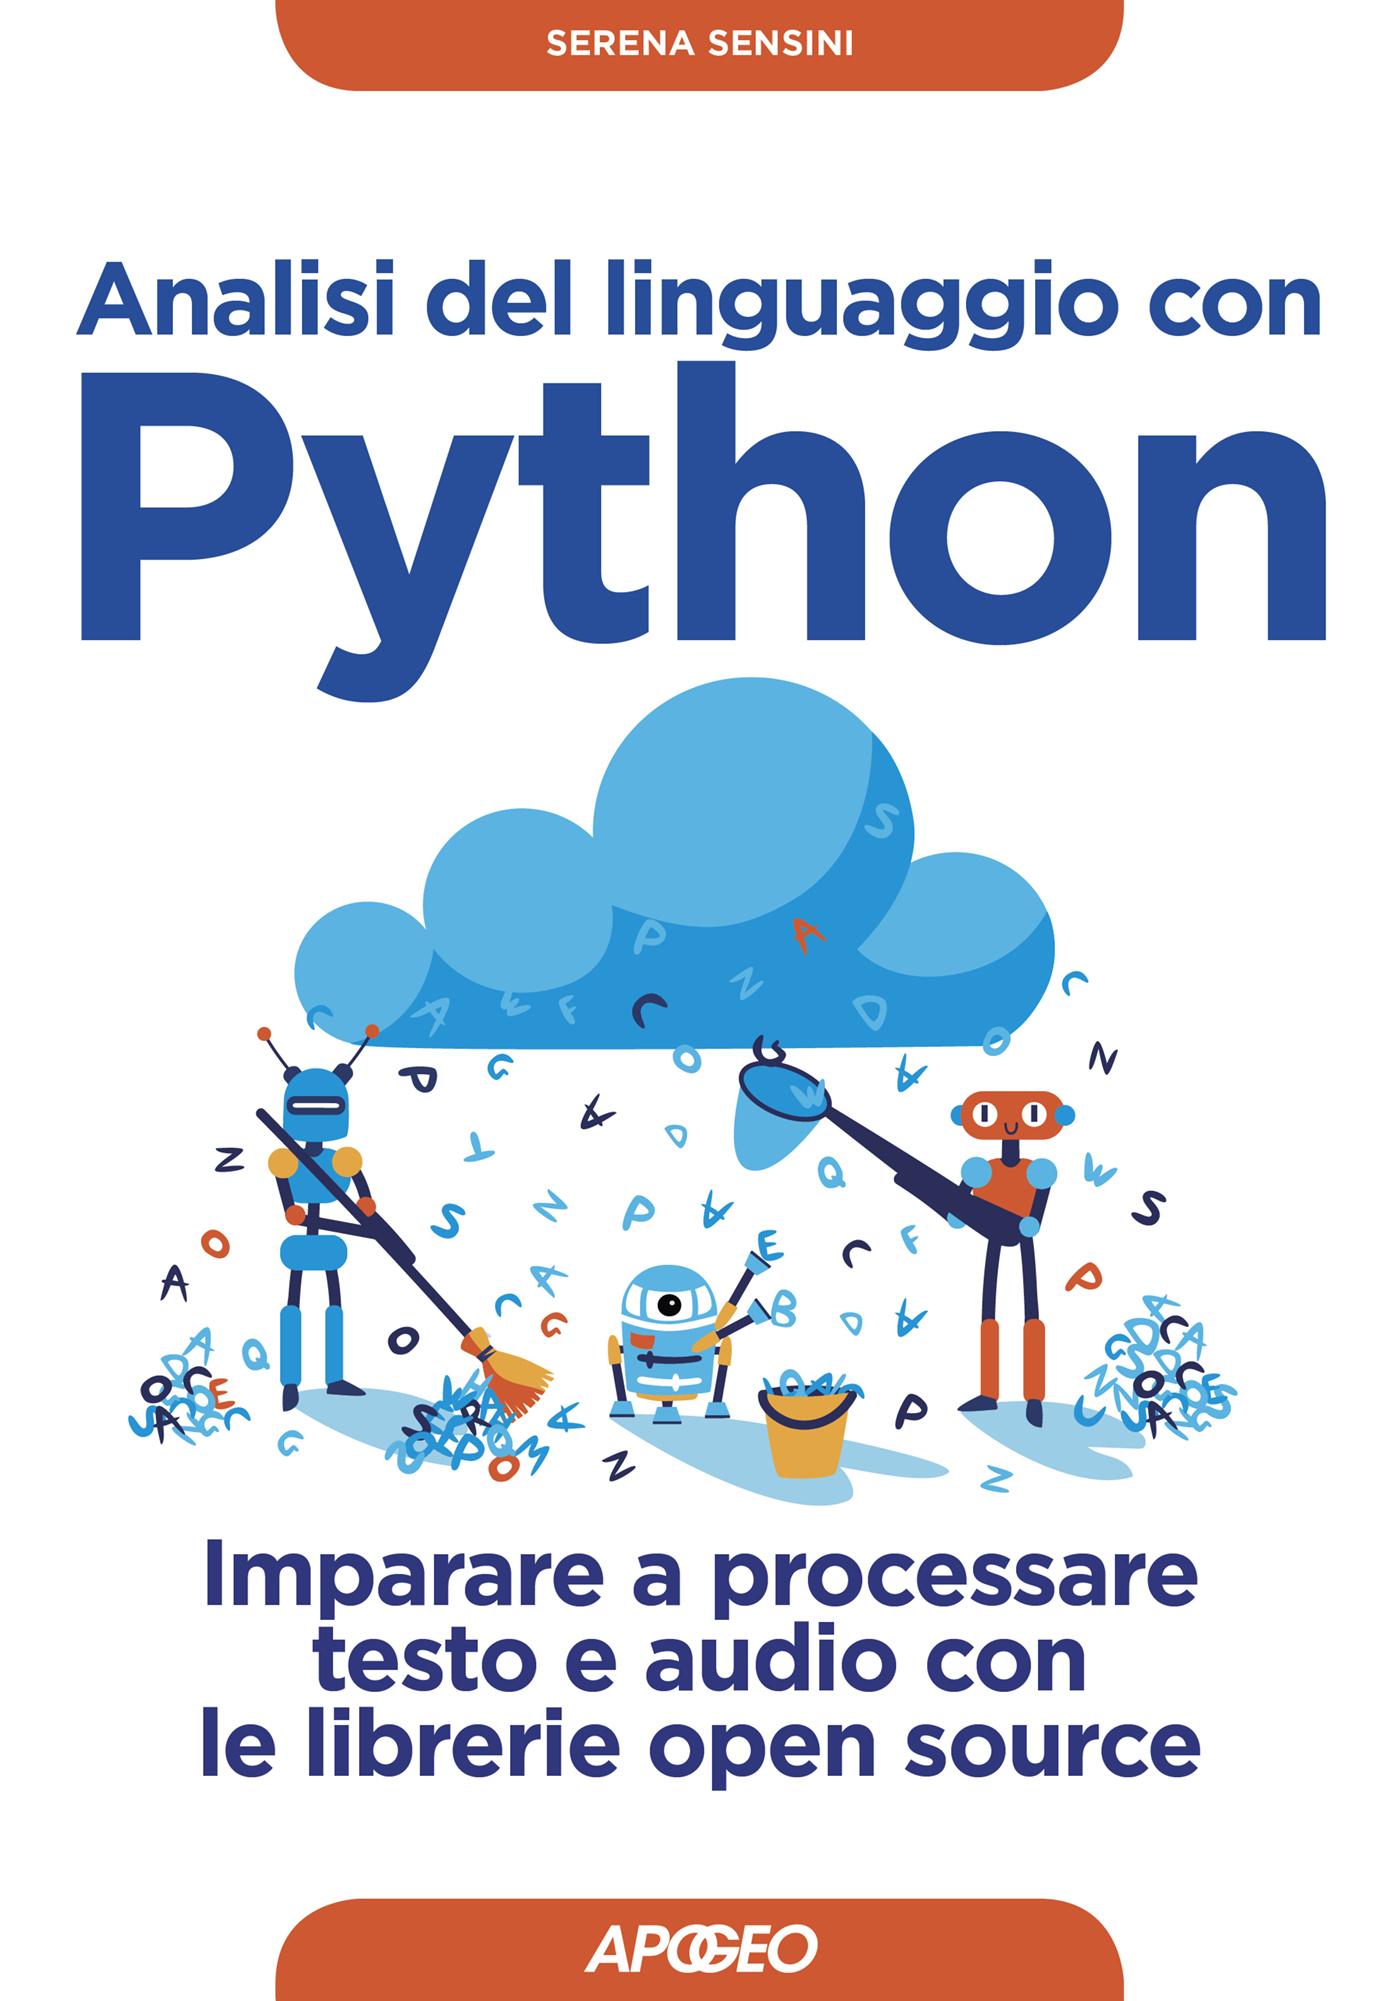 analisi-del-linguaggio-con-python-cover